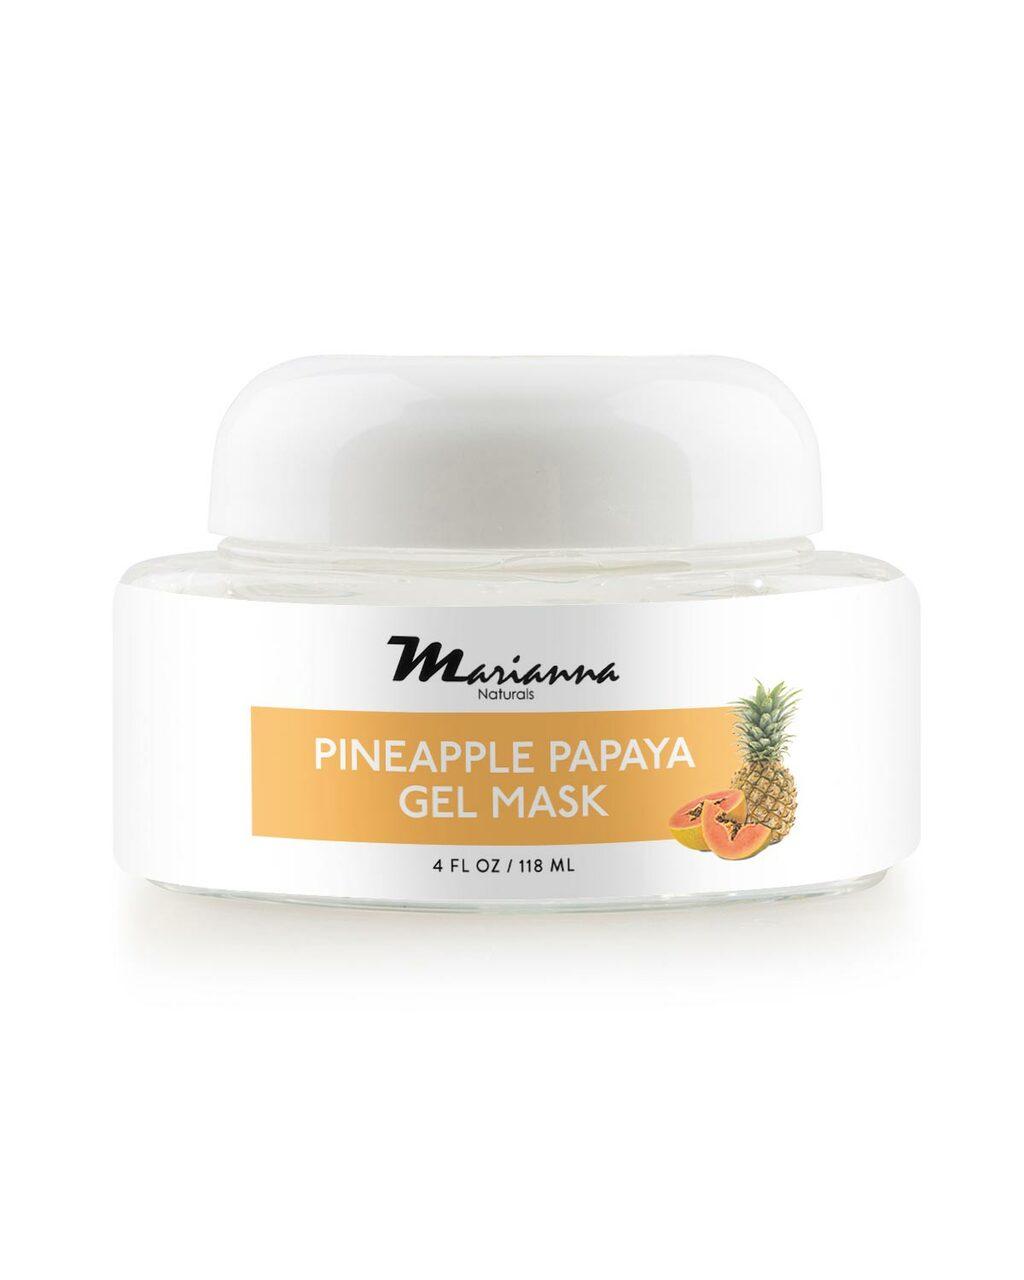 Pineapple Papaya Gel Mask - Primary Thumbnail